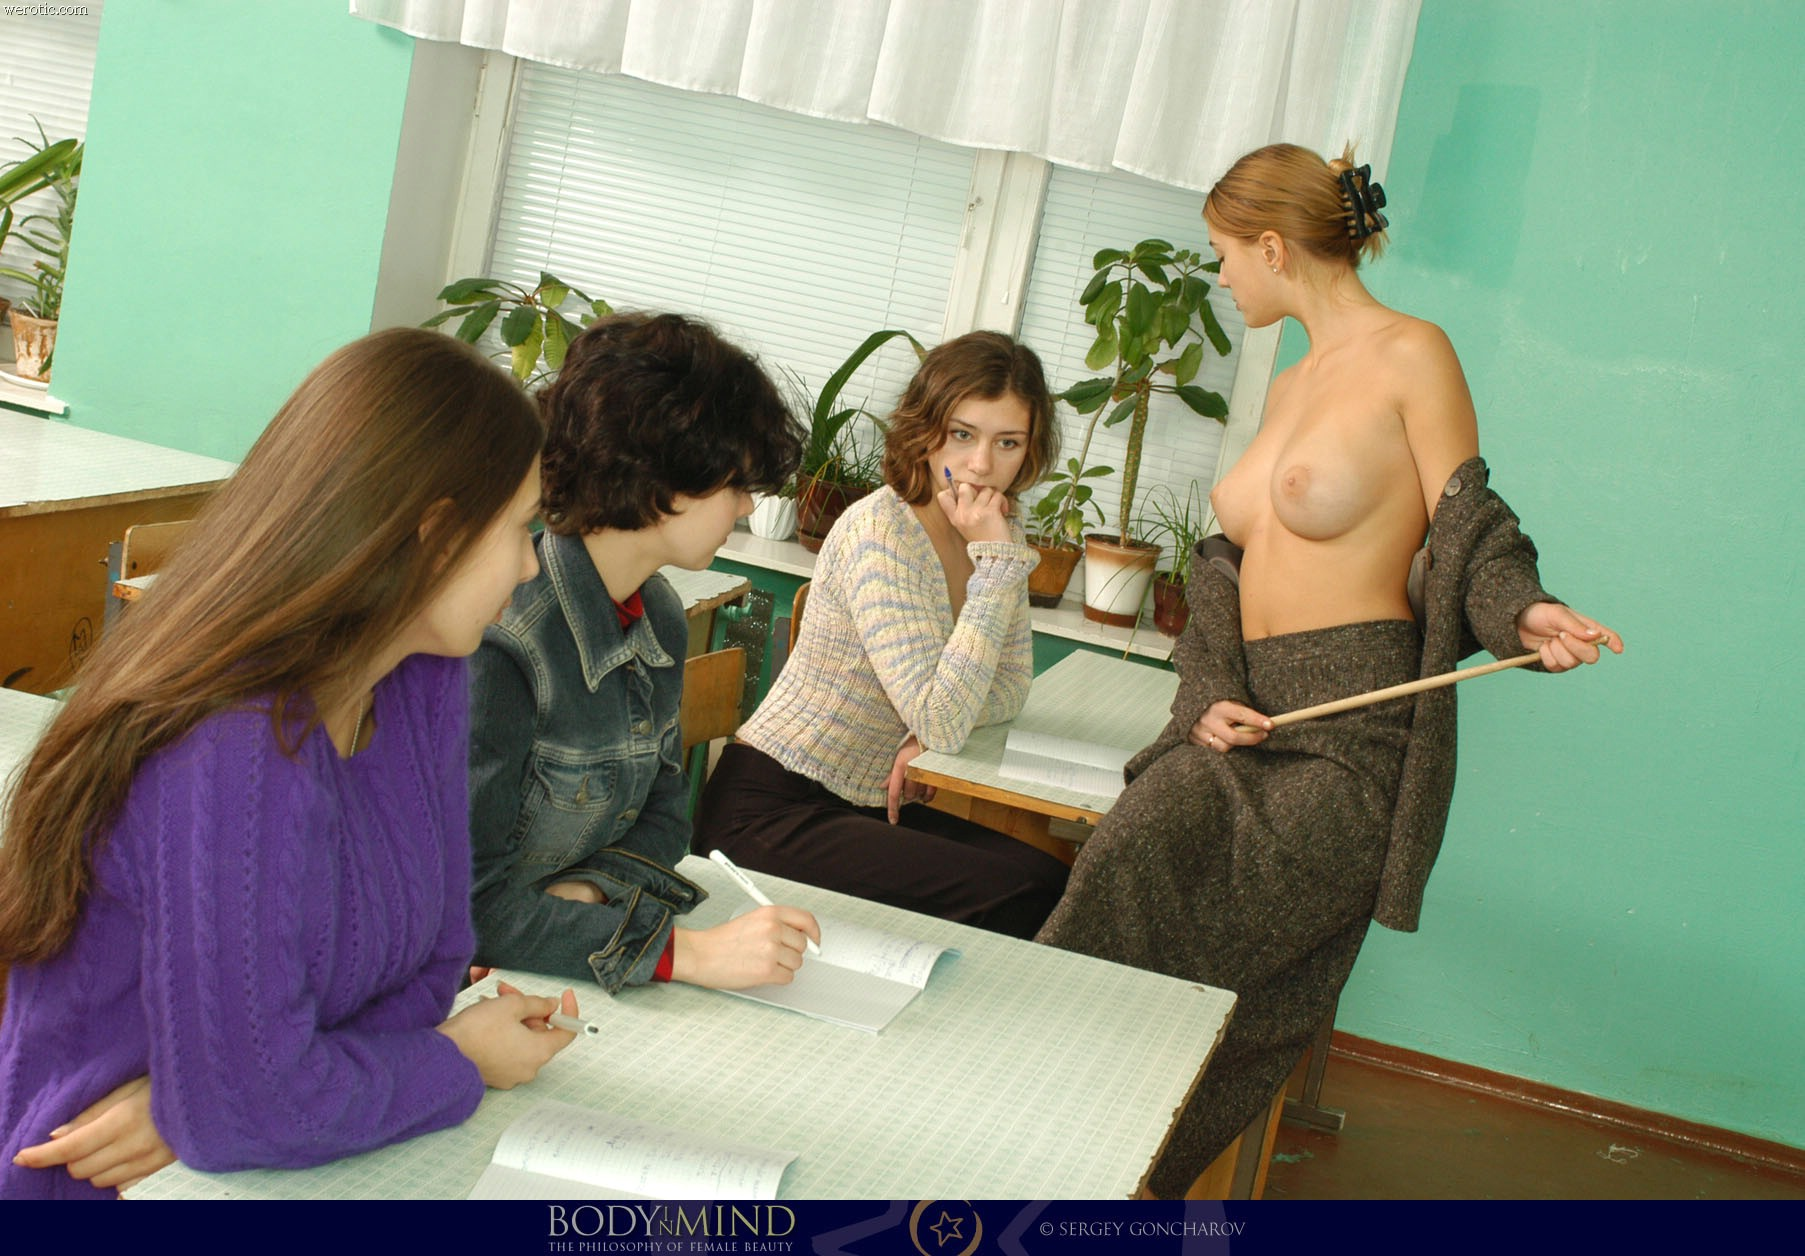 Учительница на уроке порно 10 фотография